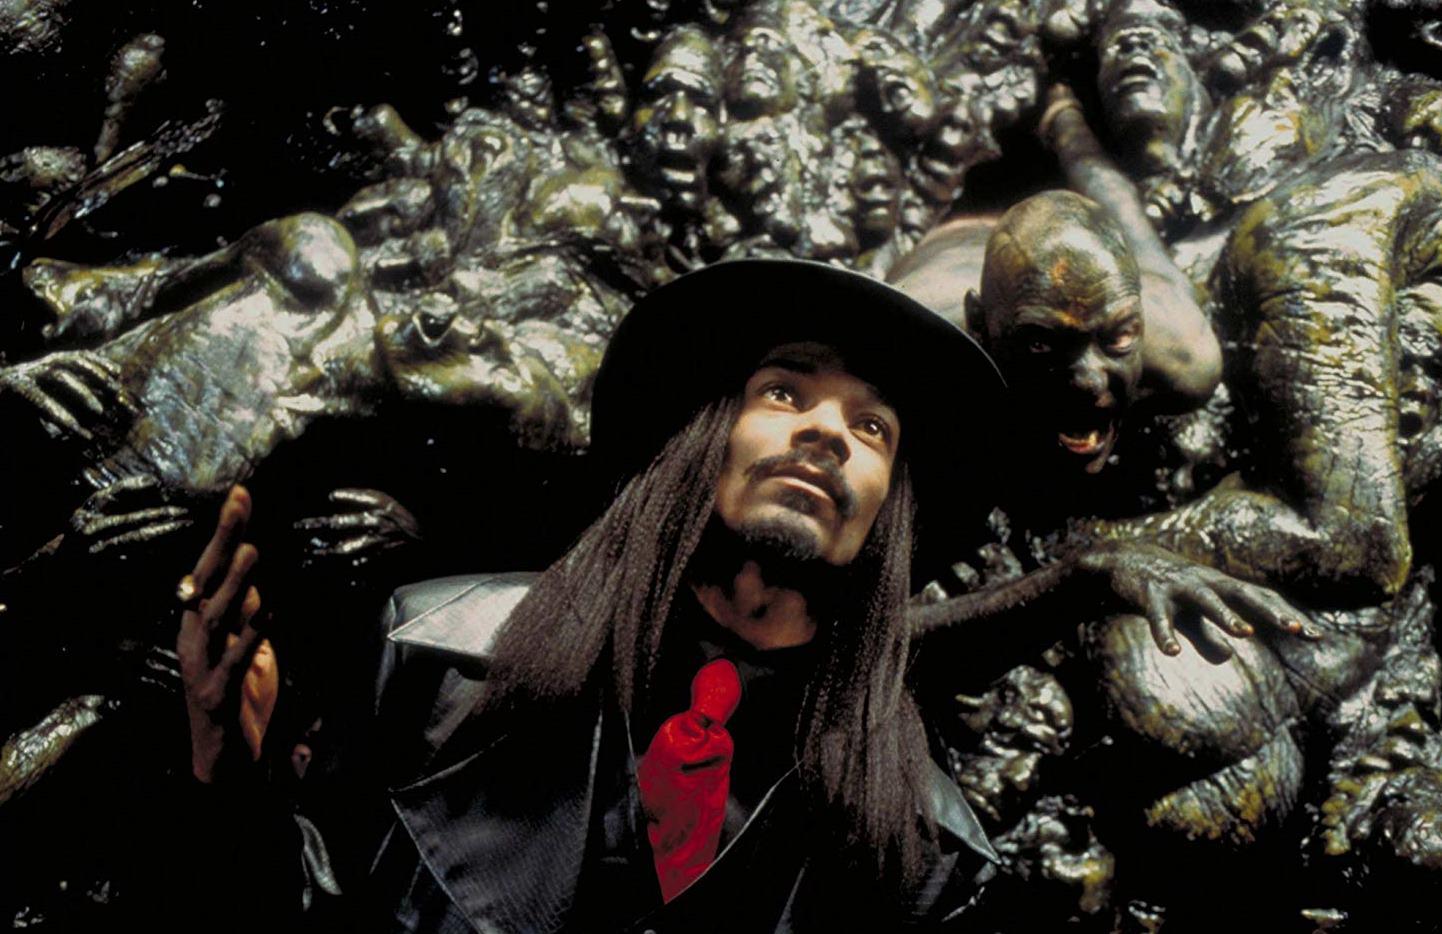 Snoop Dogg as Jimmy Bones in Bones (2001)